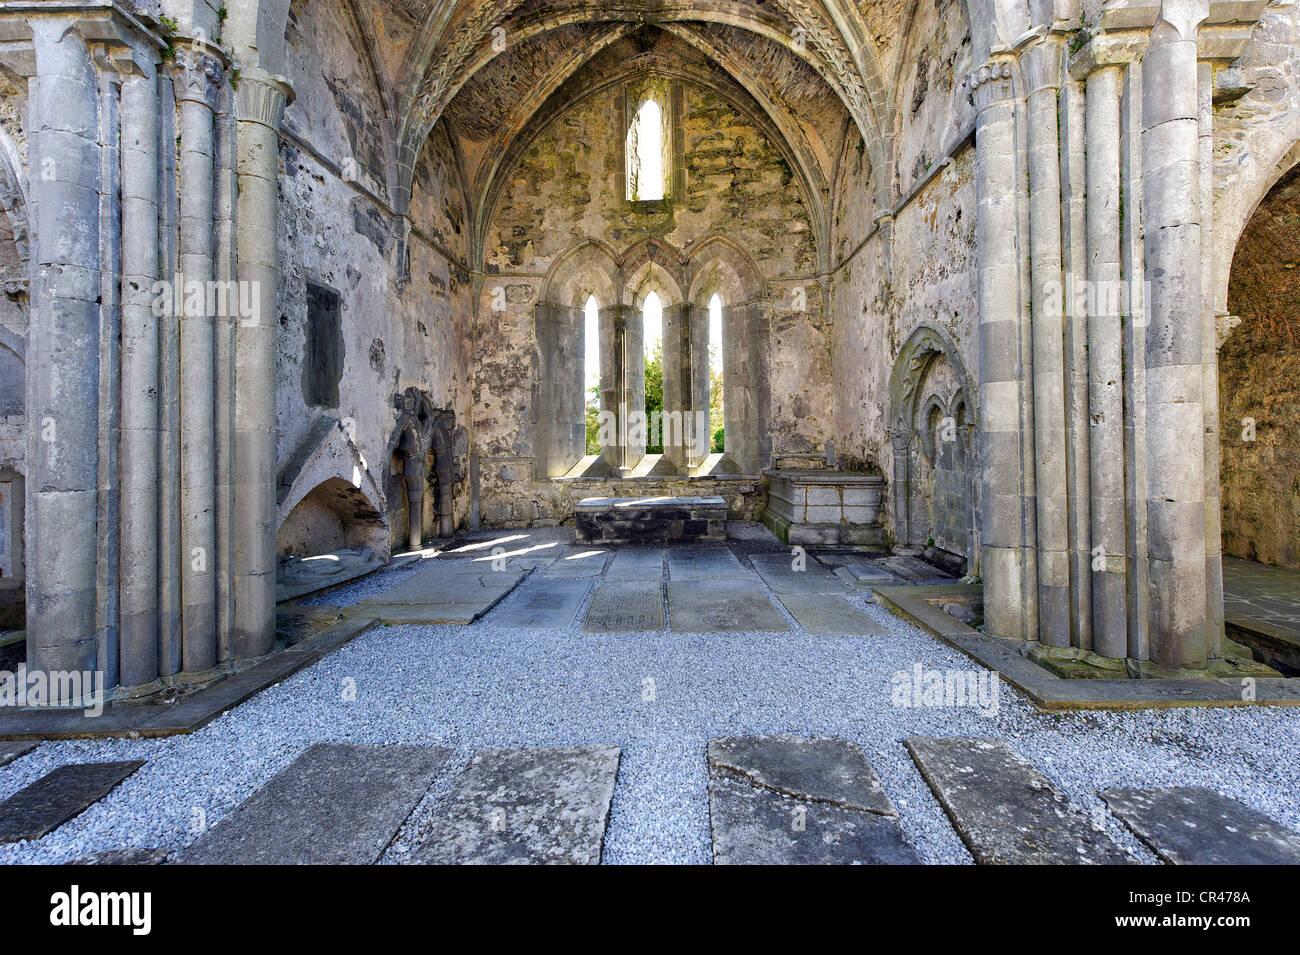 Corcomroe Abbey, Burren, County Clare, Ireland, Europe - Stock Image